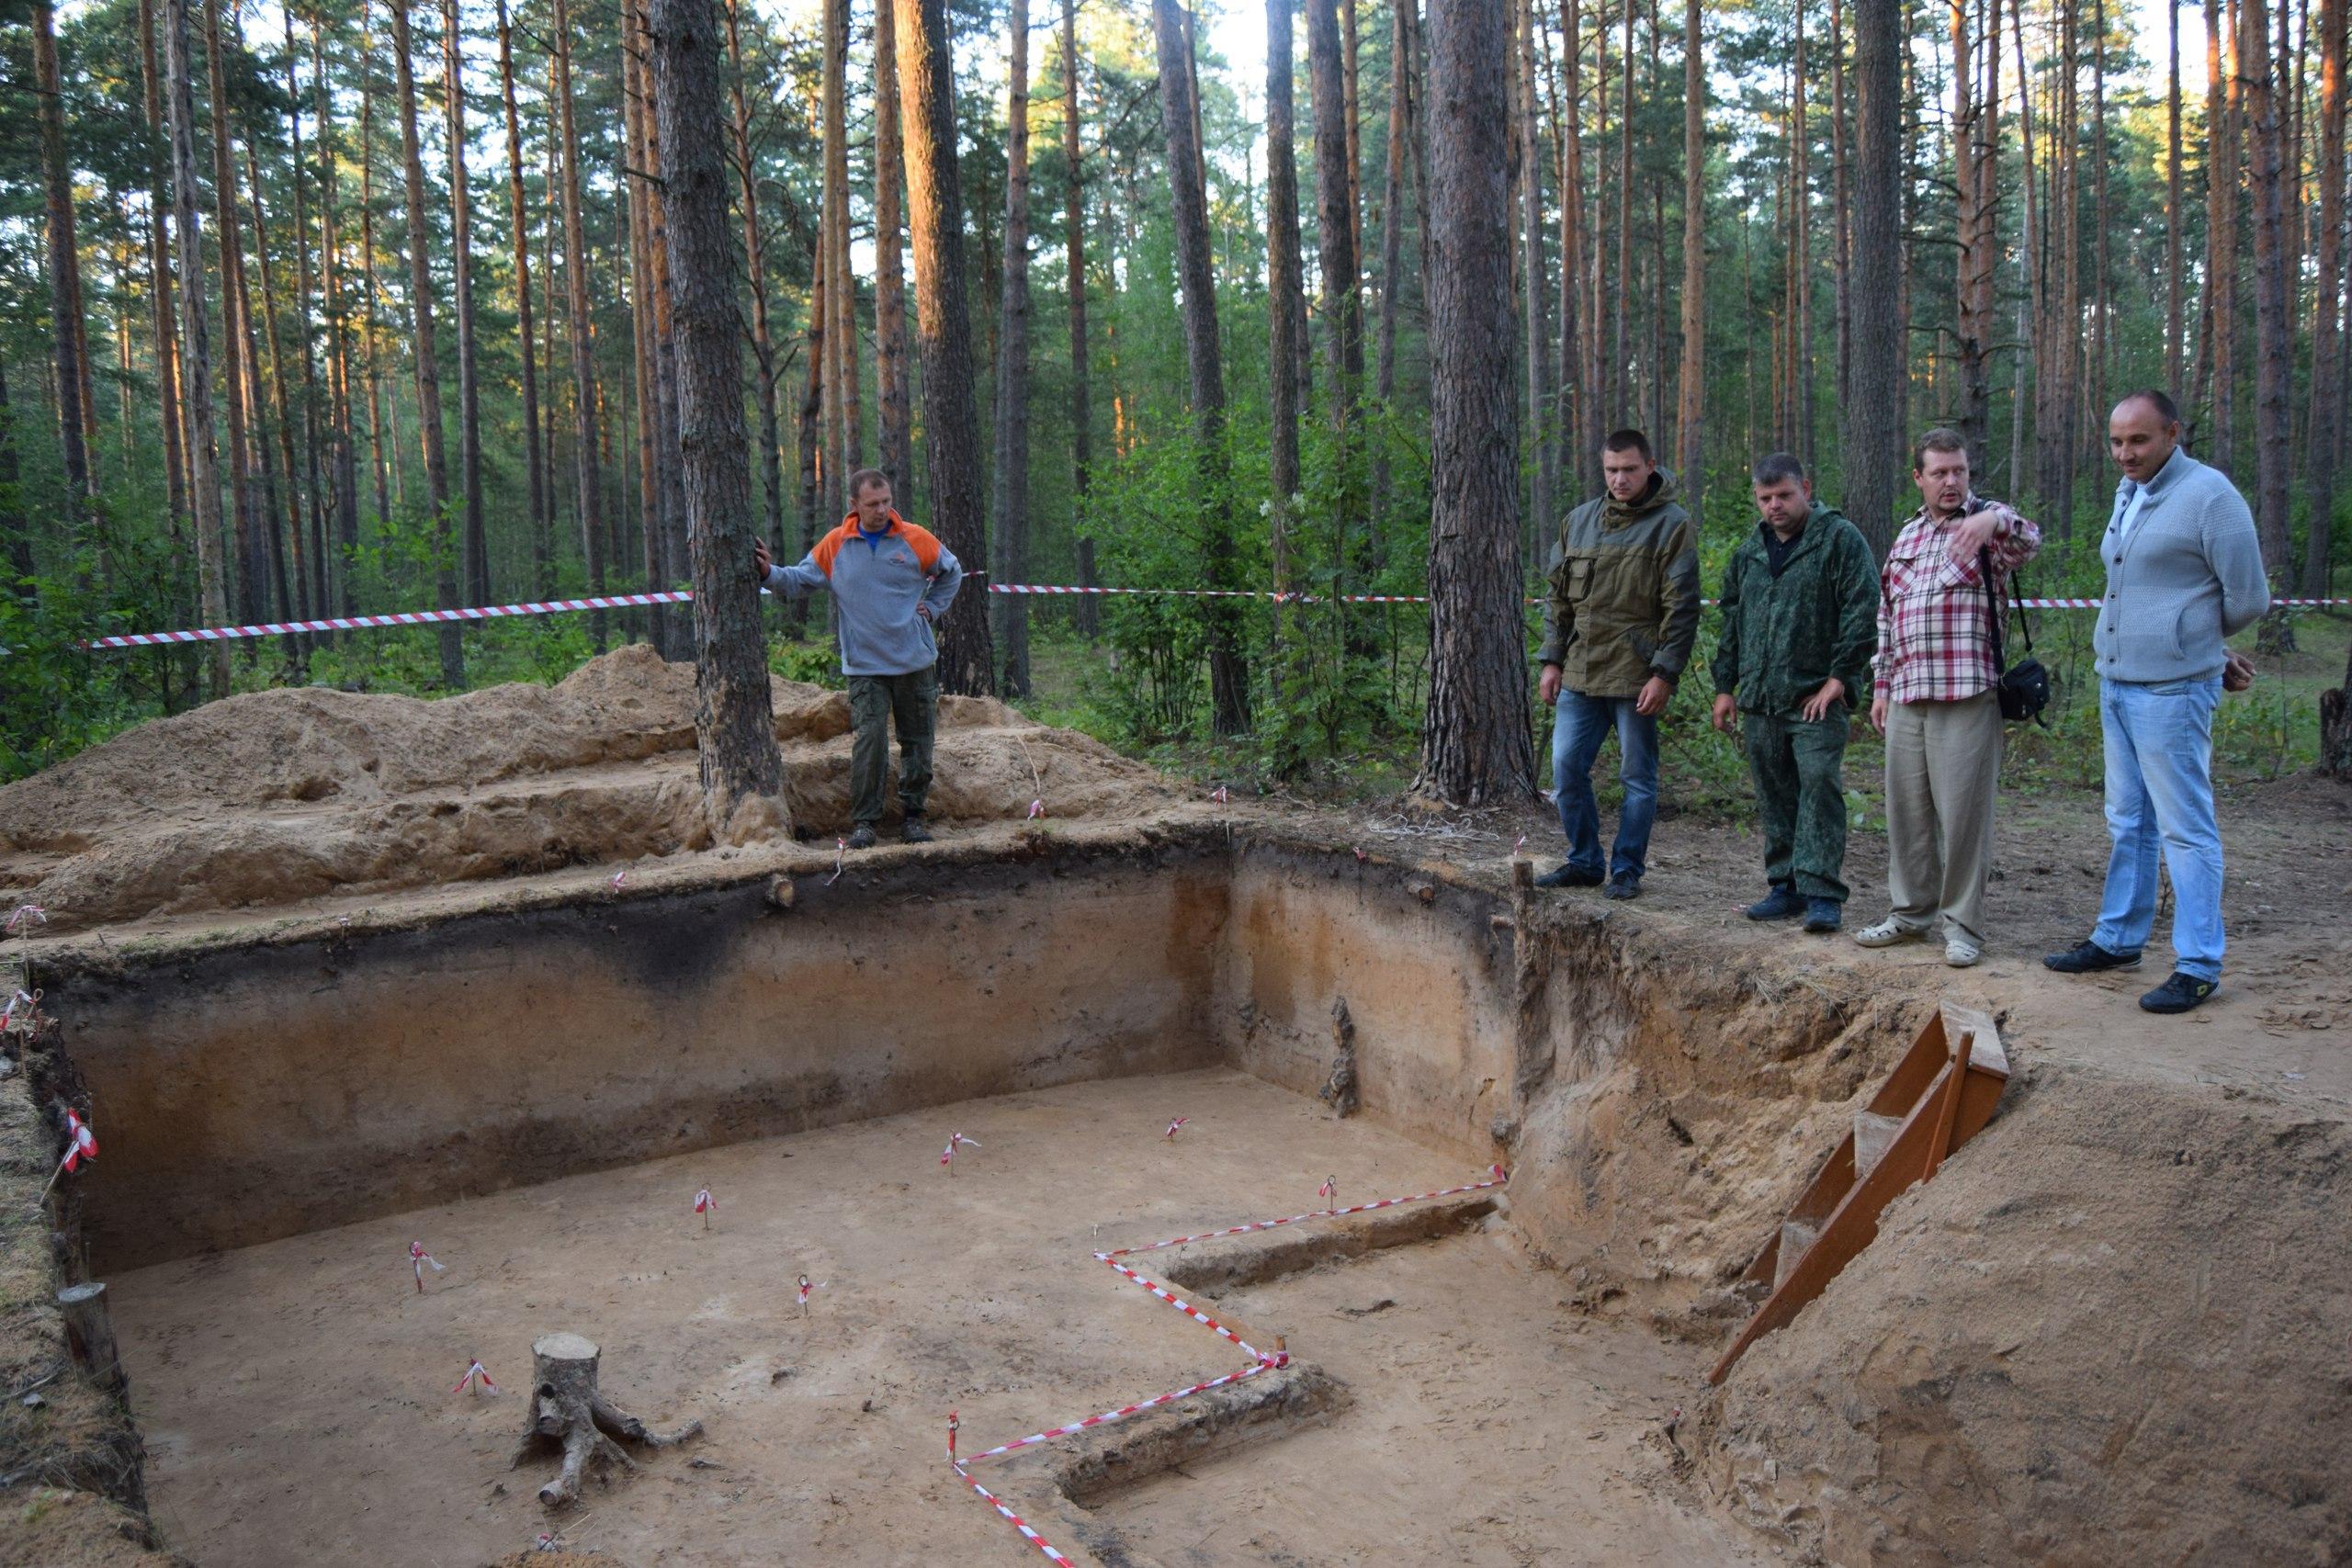 КАЭ у раскопа на стоянке Долгое XI